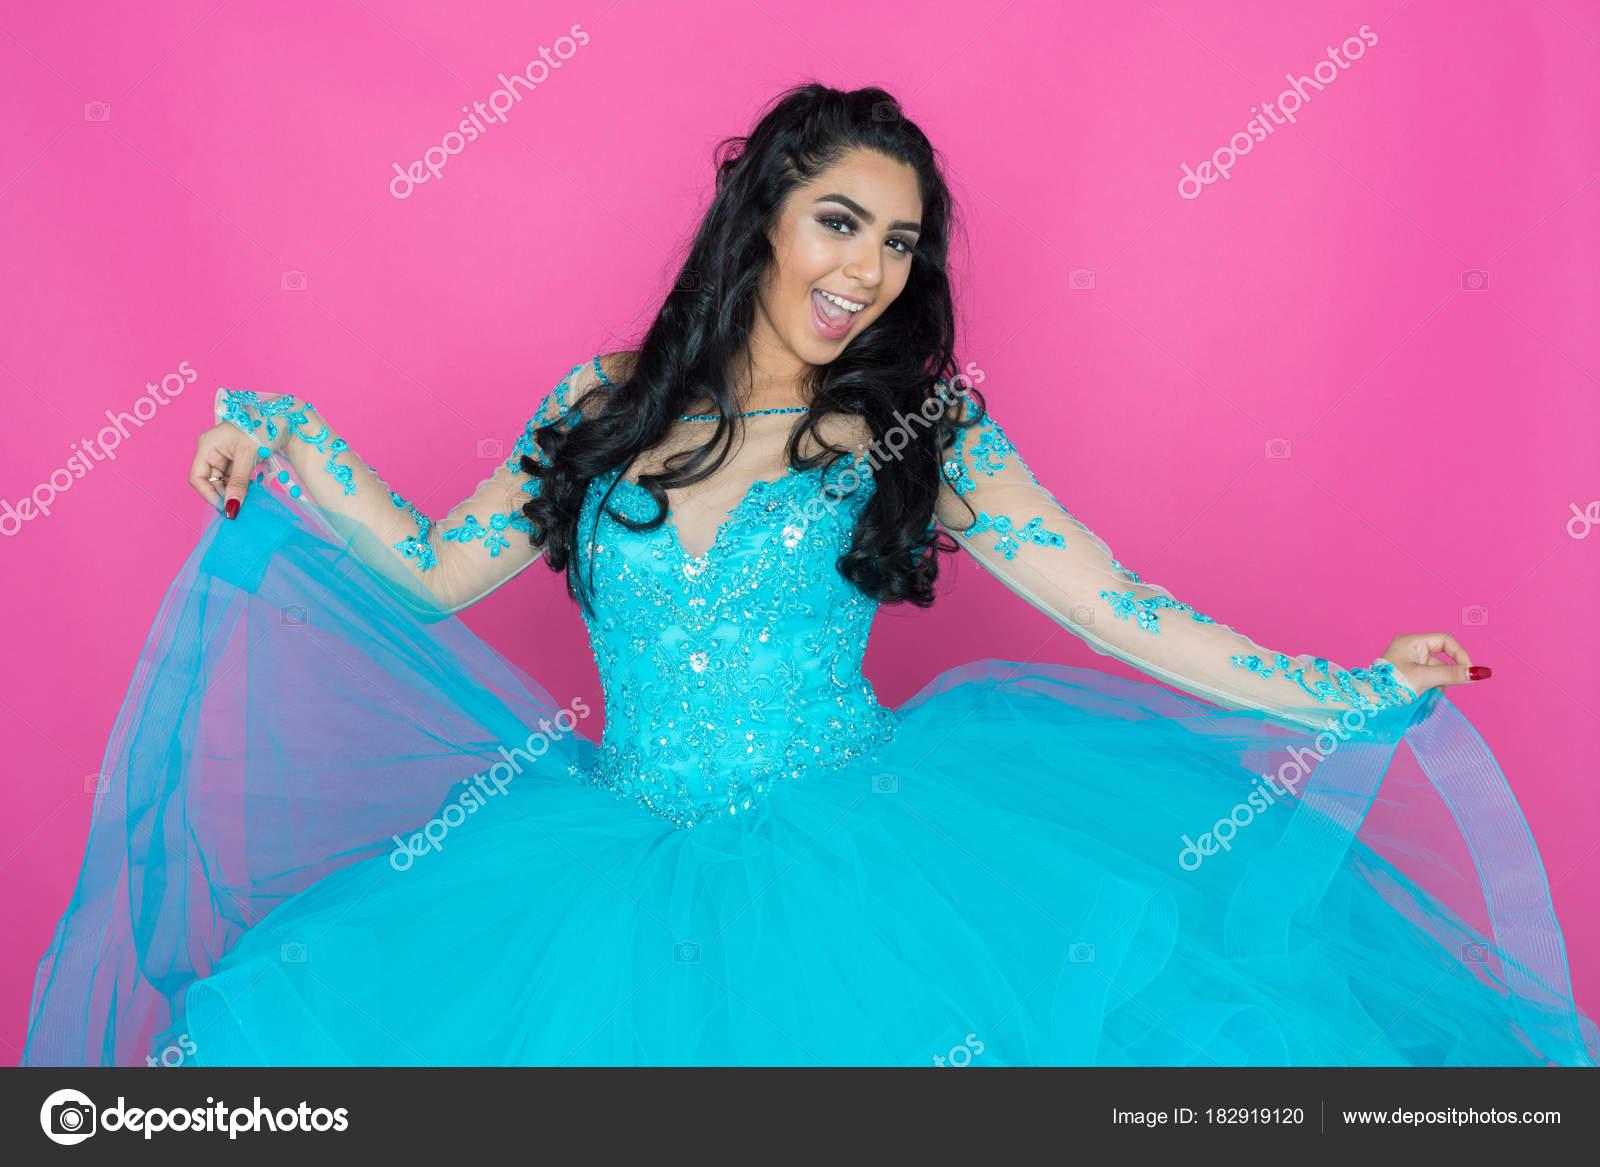 Vestido de baile adolescentes — Foto de stock © rmarmion #182919120